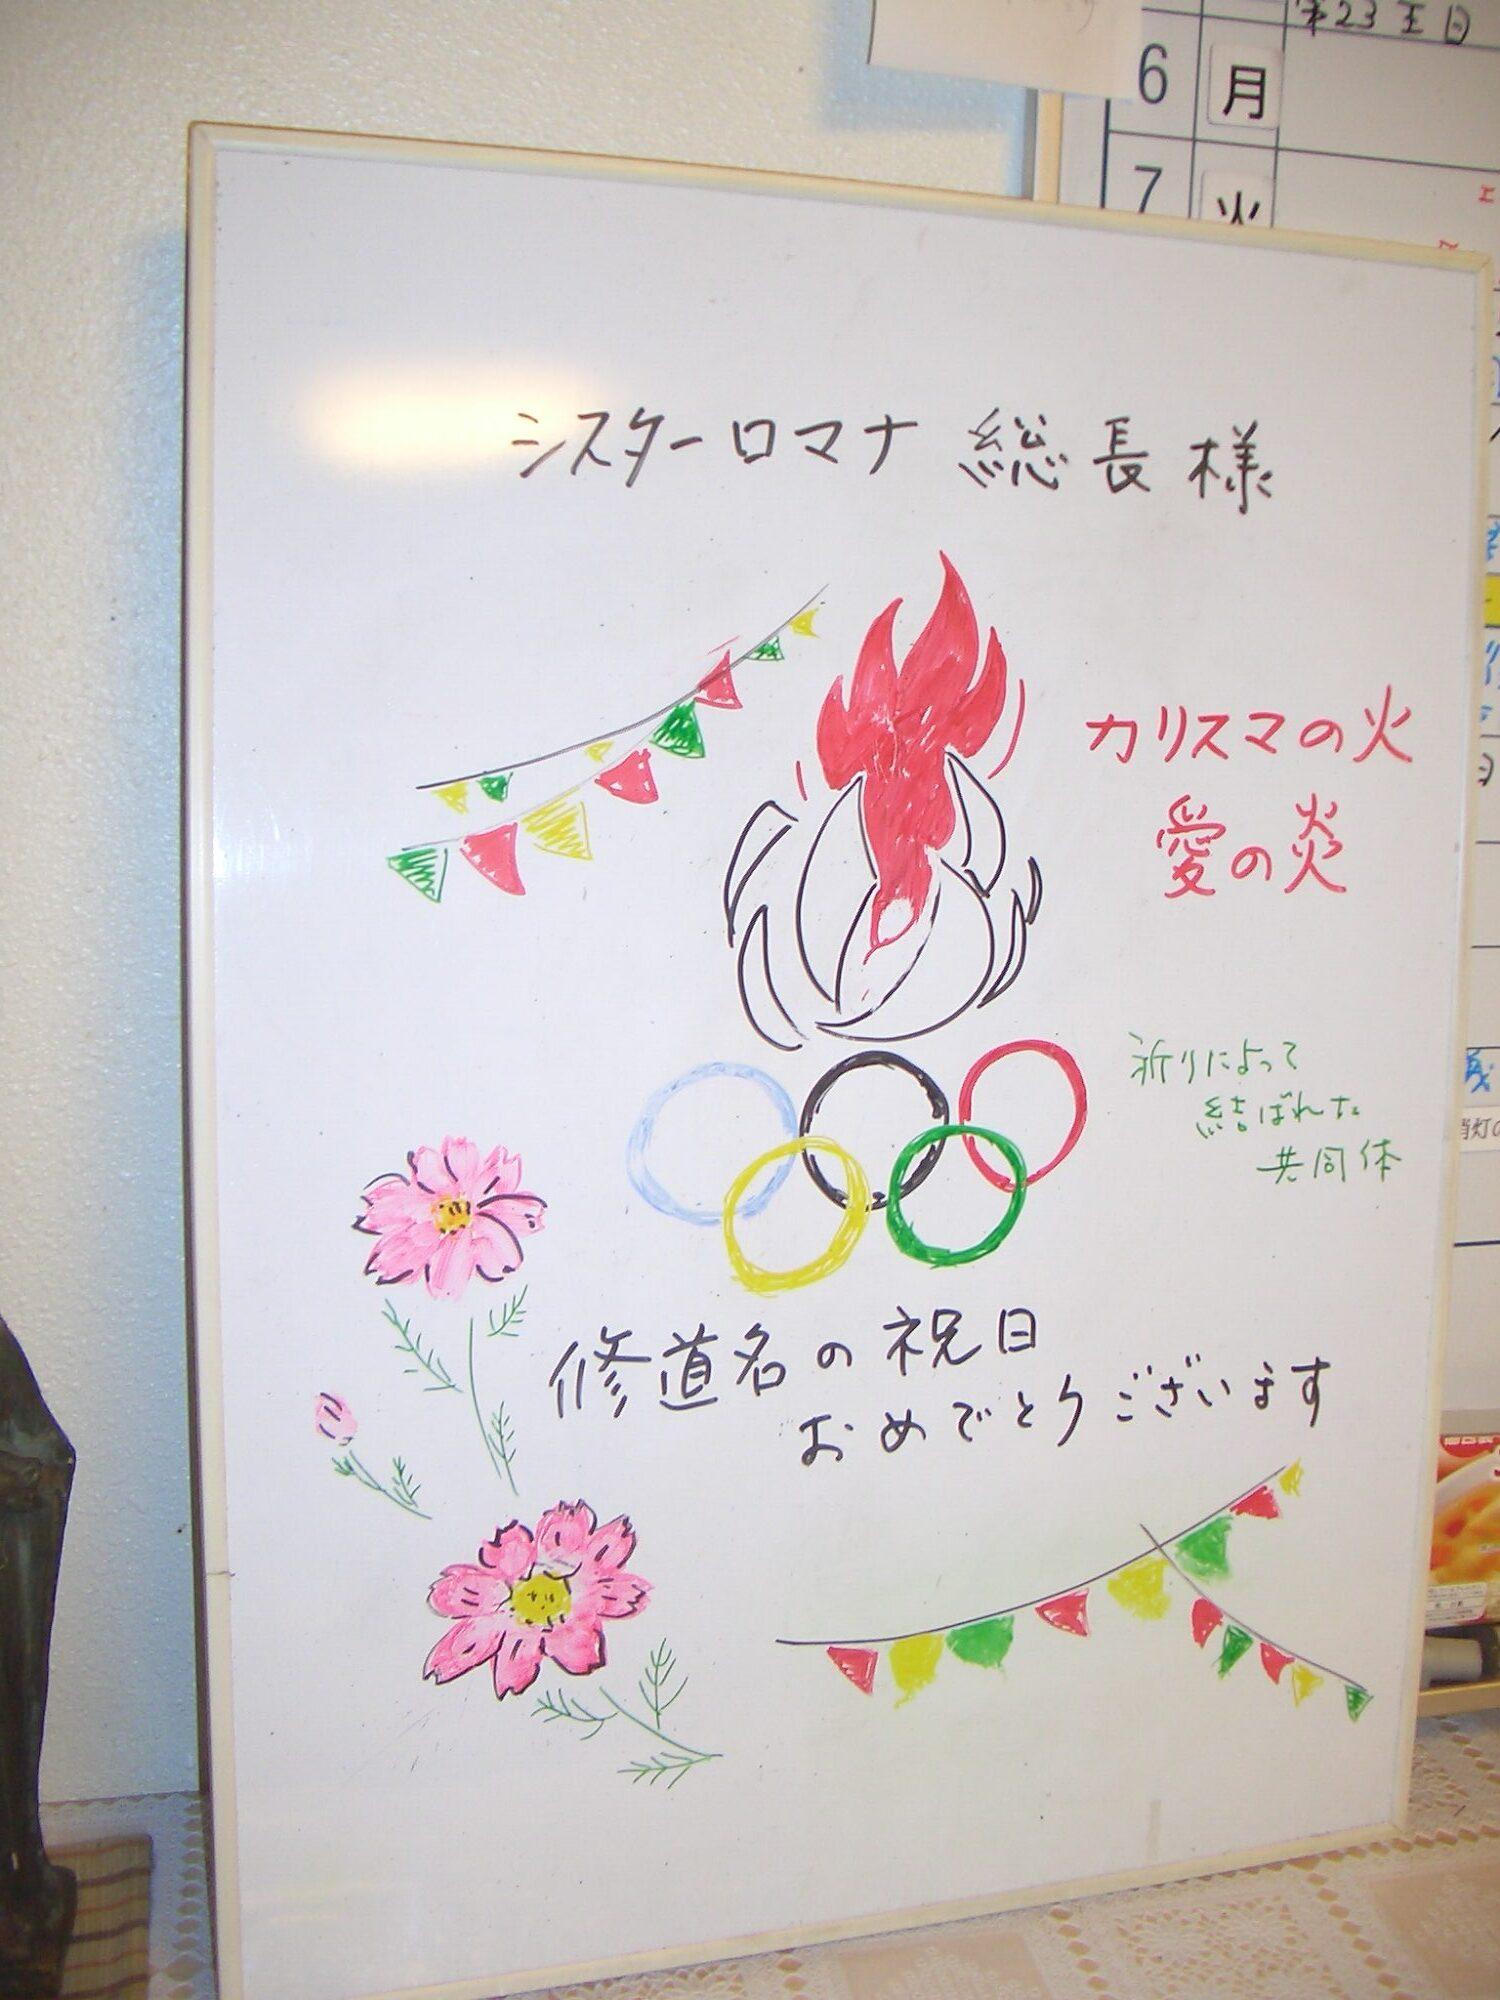 9月8日(水)お祝い会in那須地区